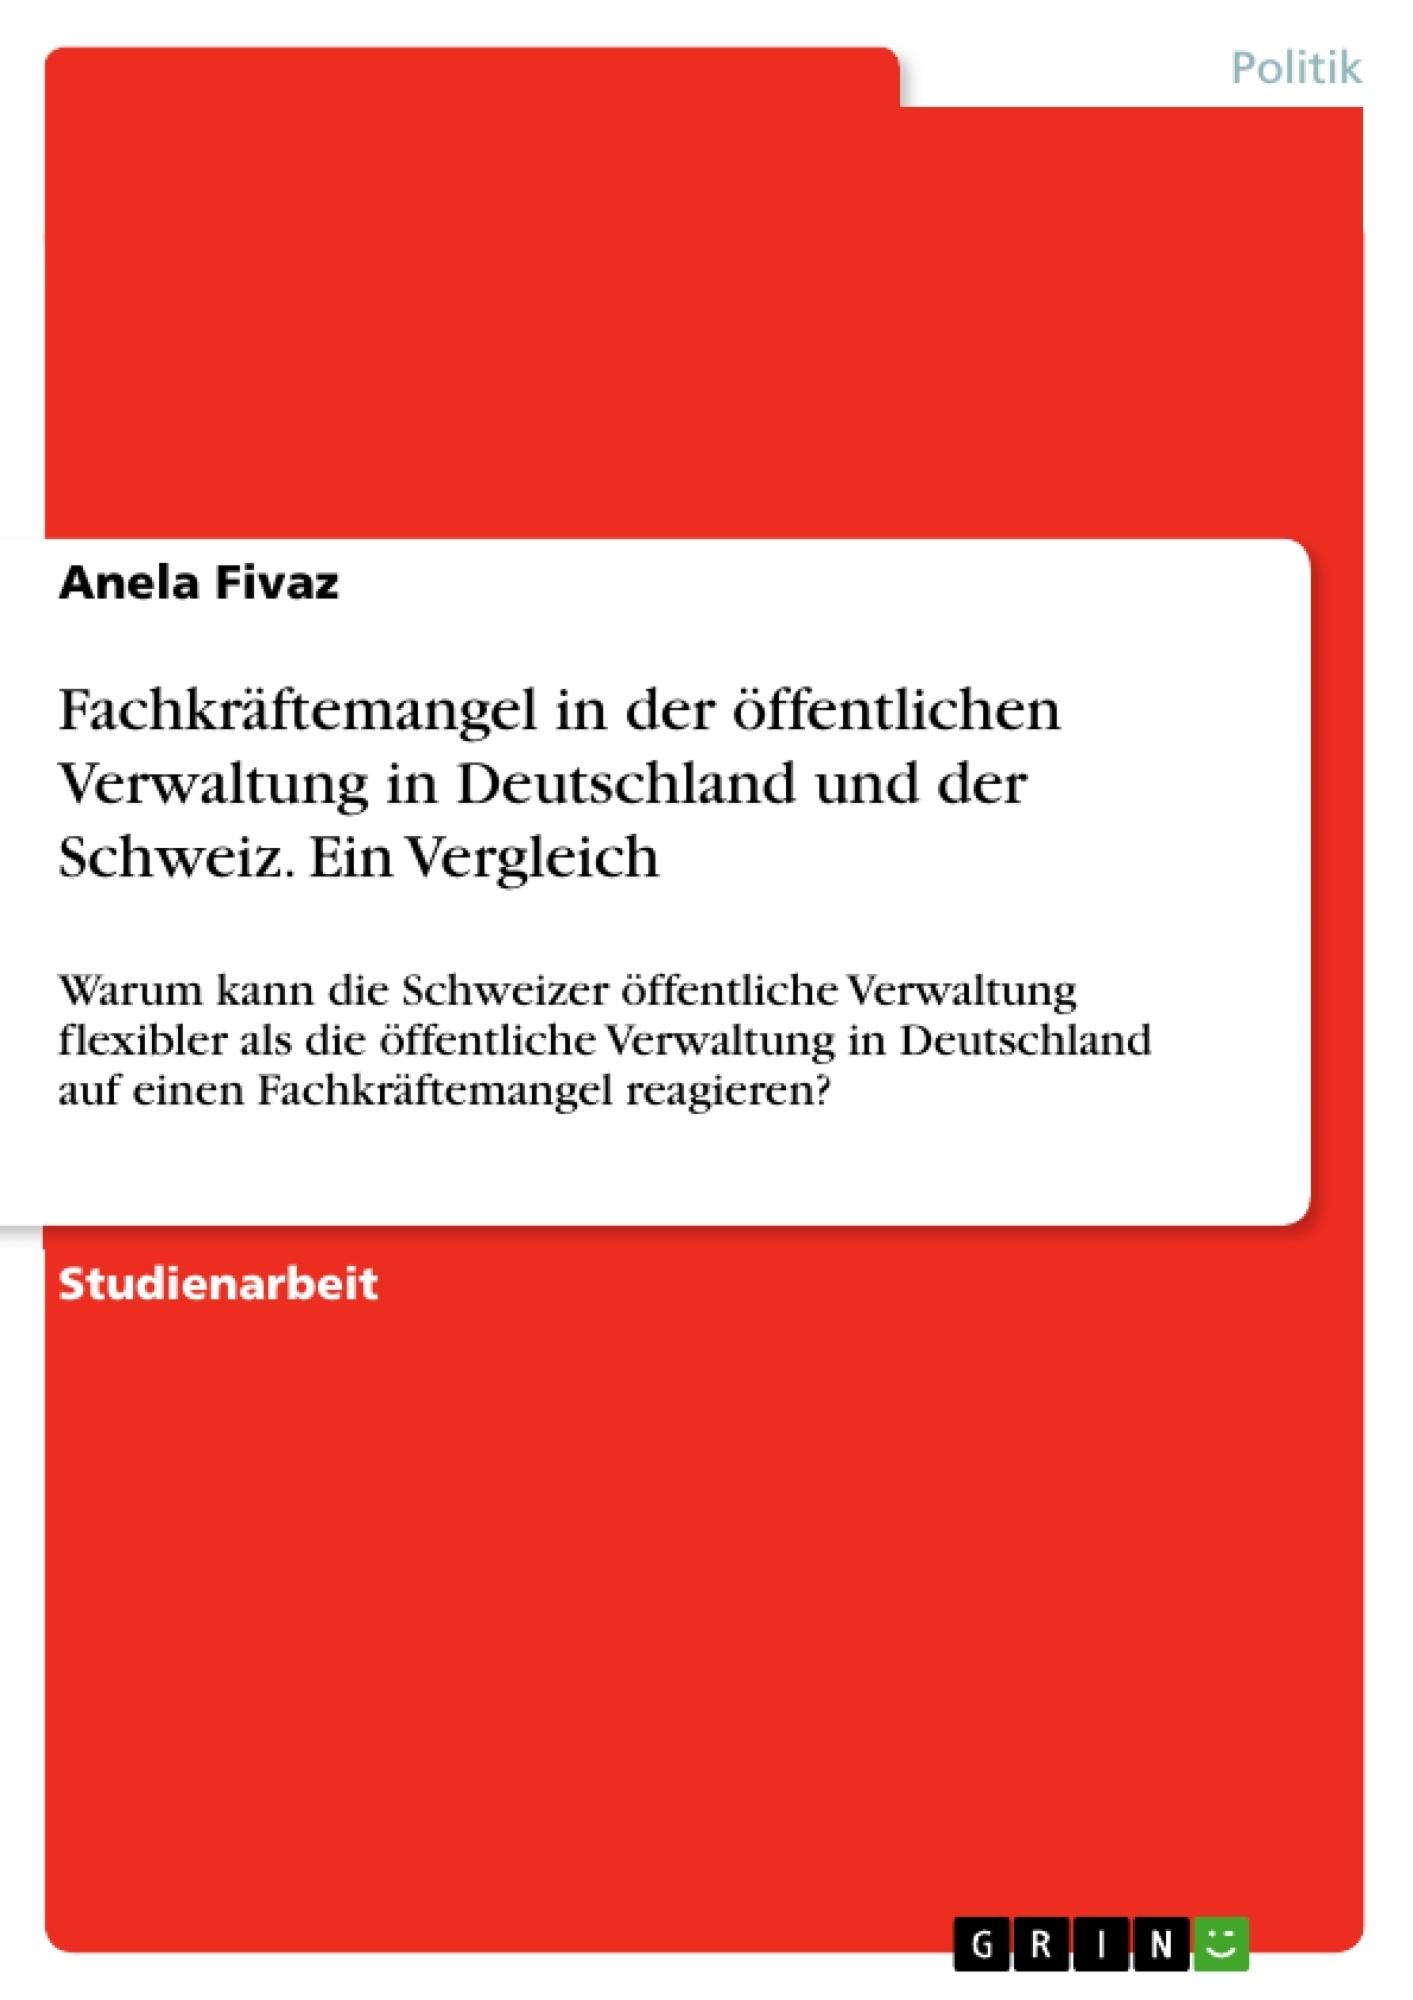 Titel: Fachkräftemangel in der öffentlichen Verwaltung in Deutschland und der Schweiz. Ein Vergleich